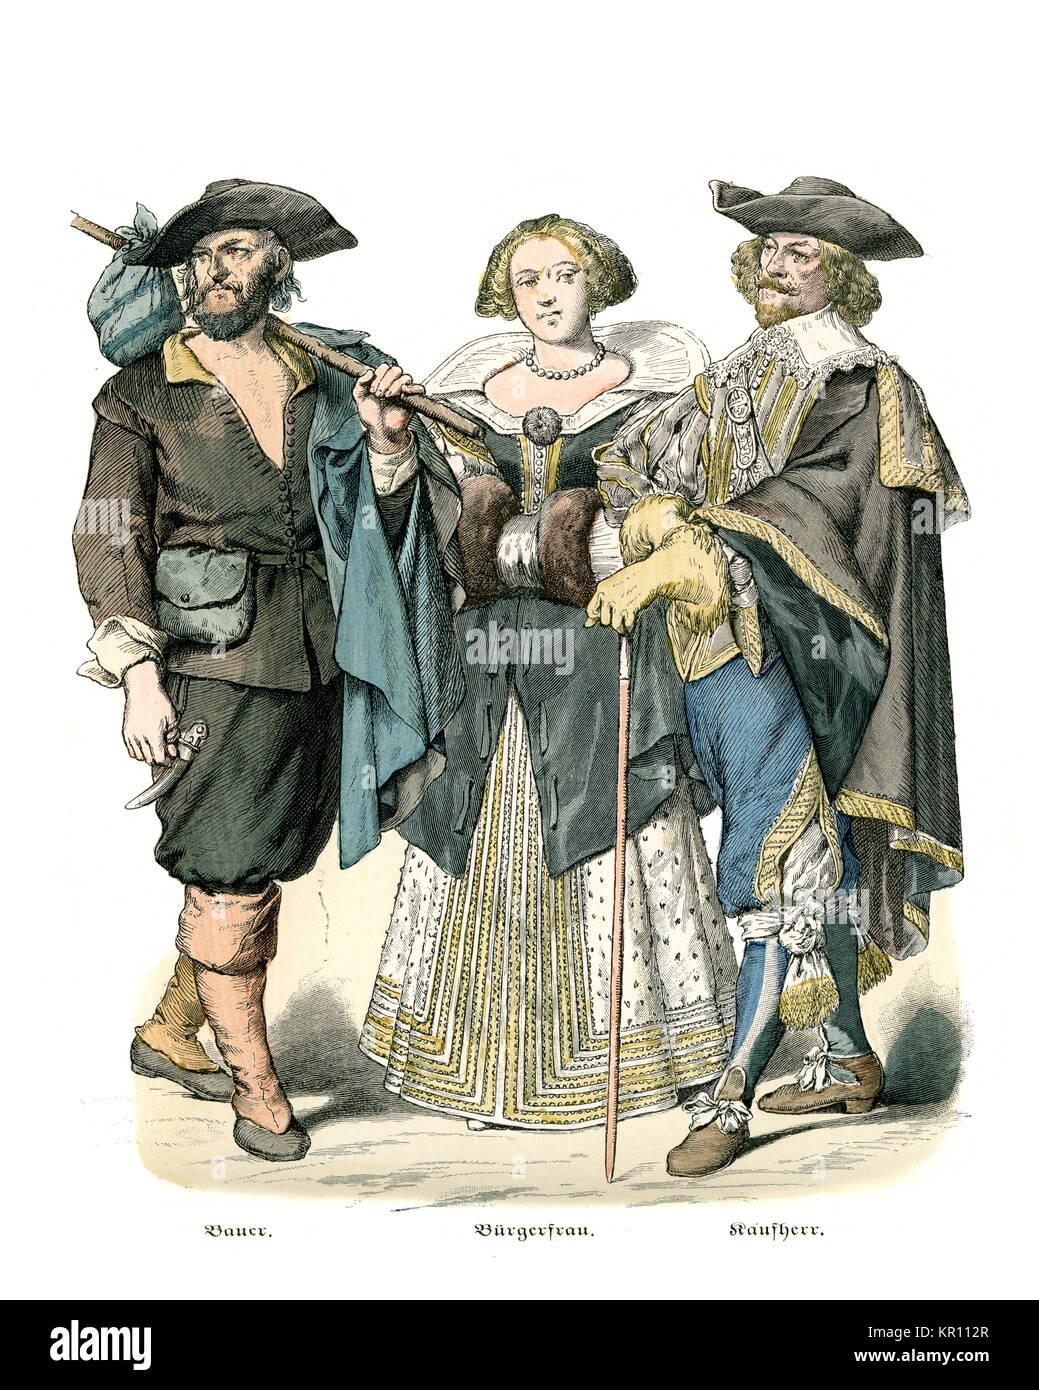 17 Jahrhundert Bild Architektur: Geschichte Der Mode, Kostüme Von Französischen Bauern